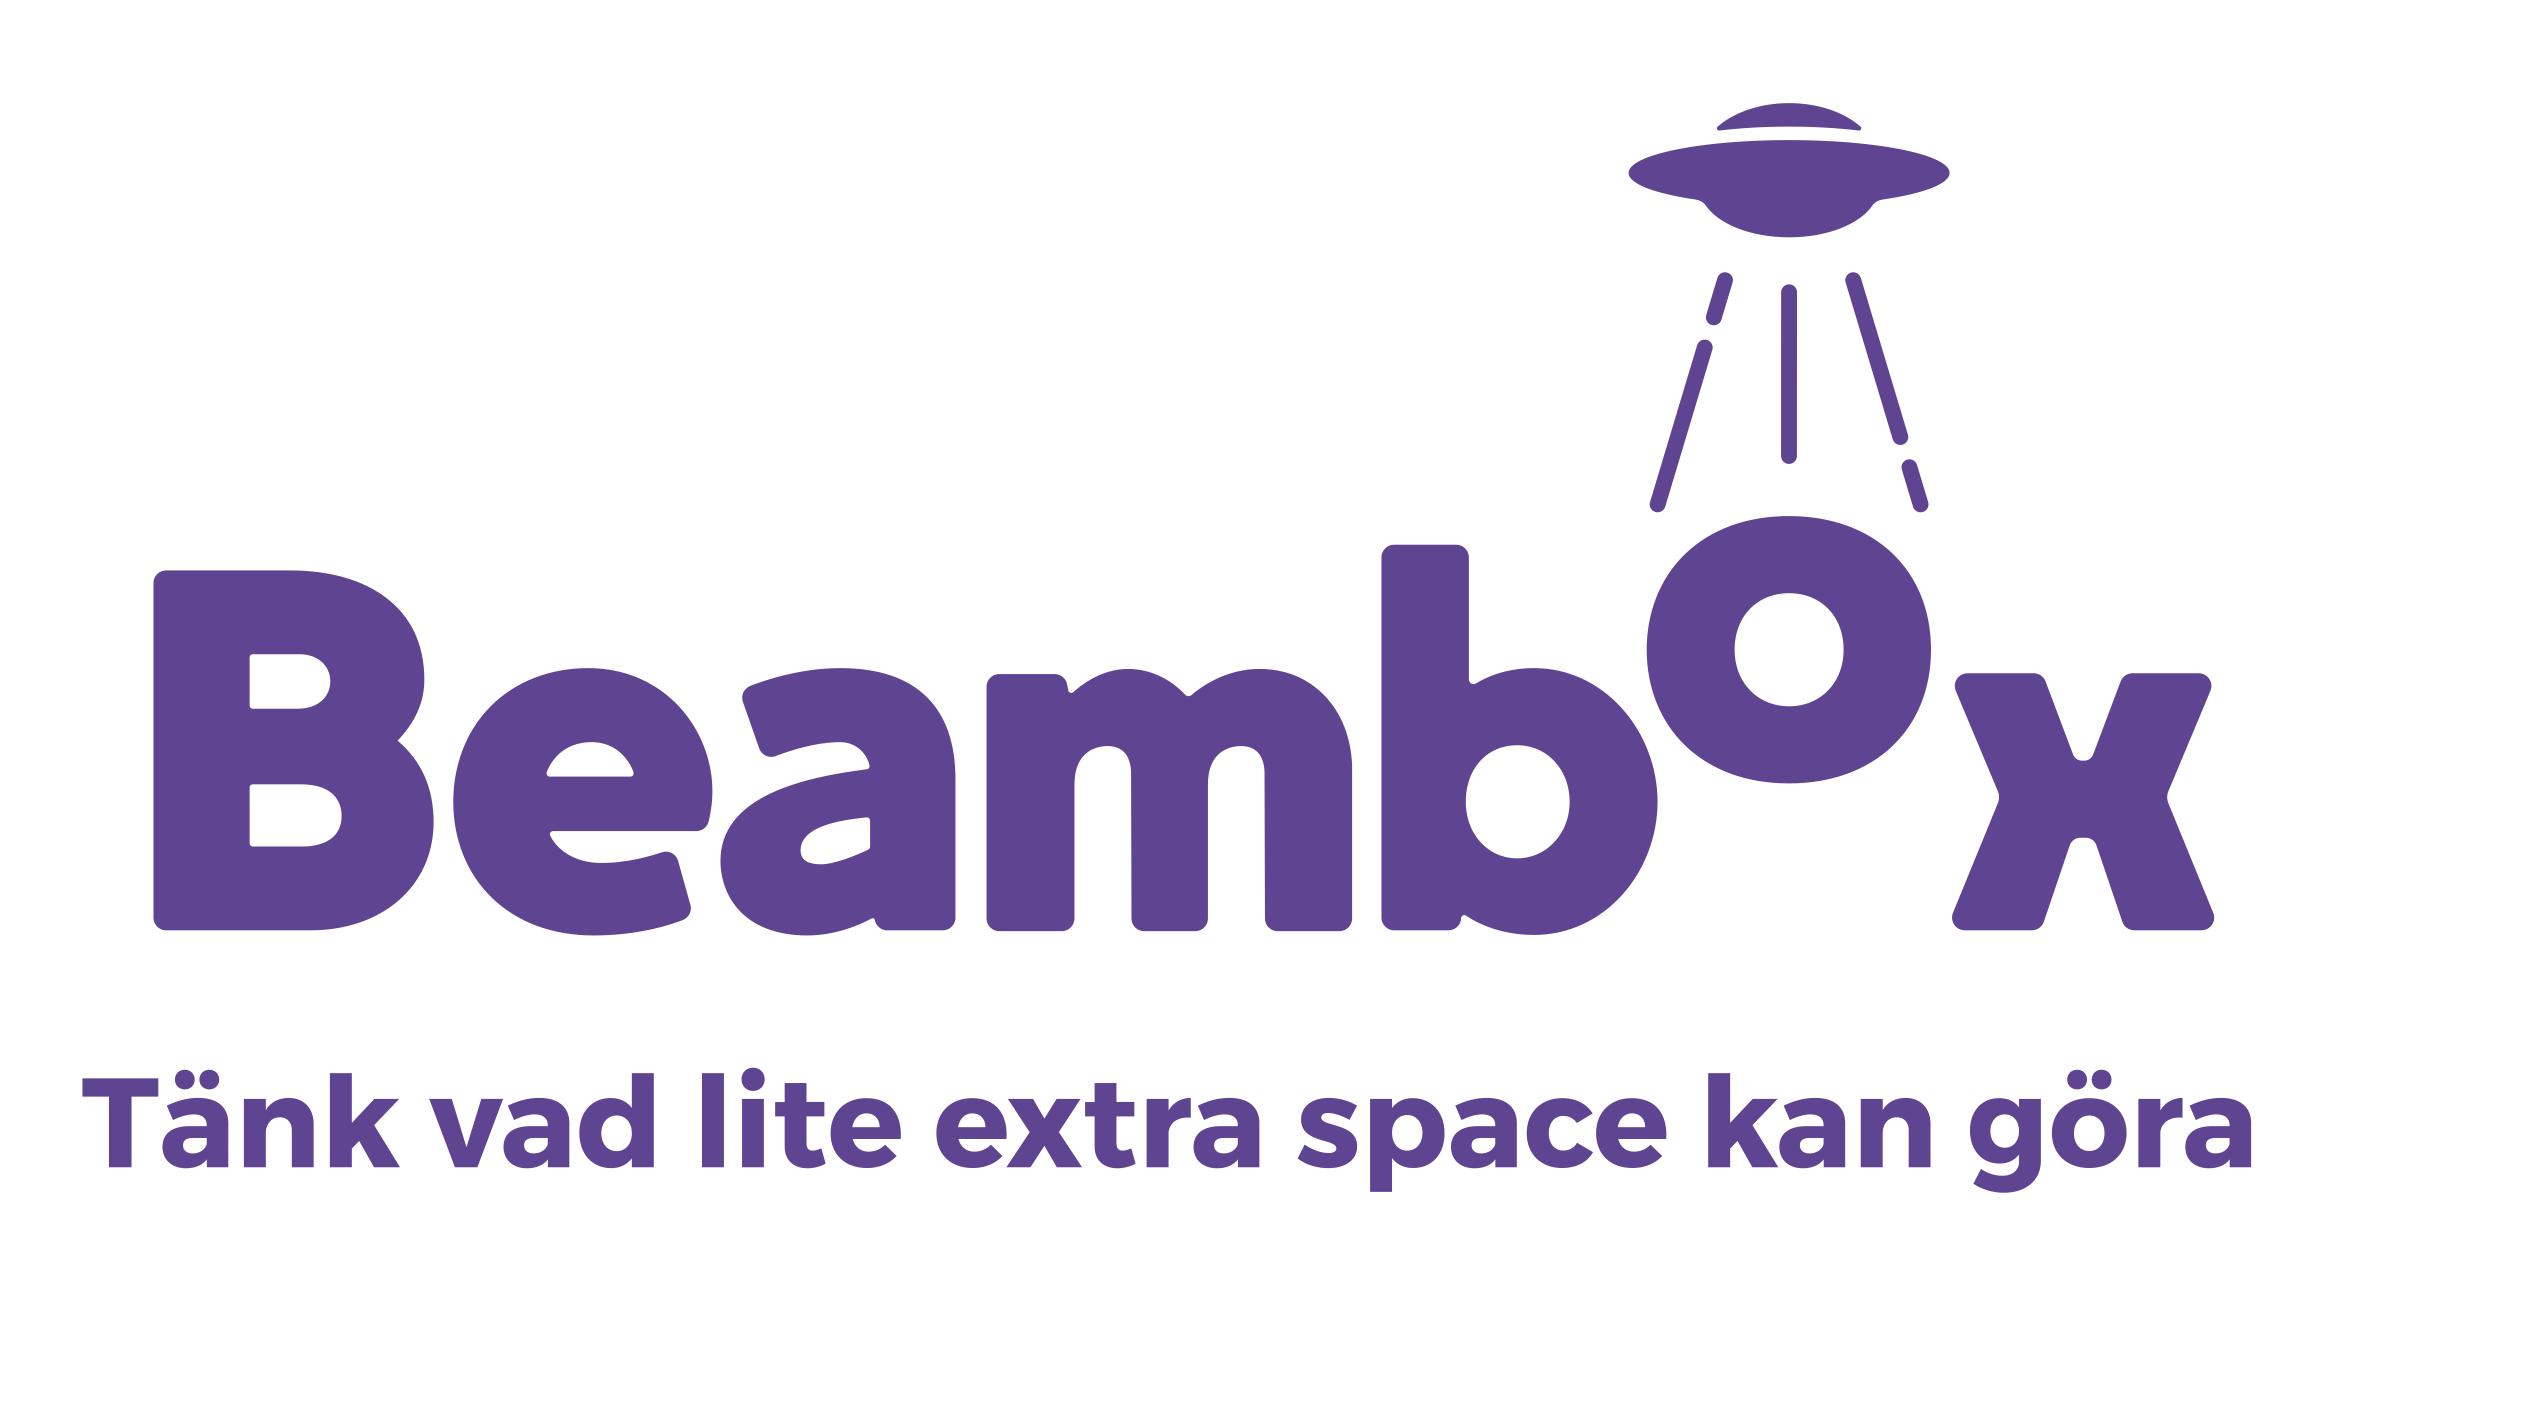 Beambox_Tagline_PMS267C.png